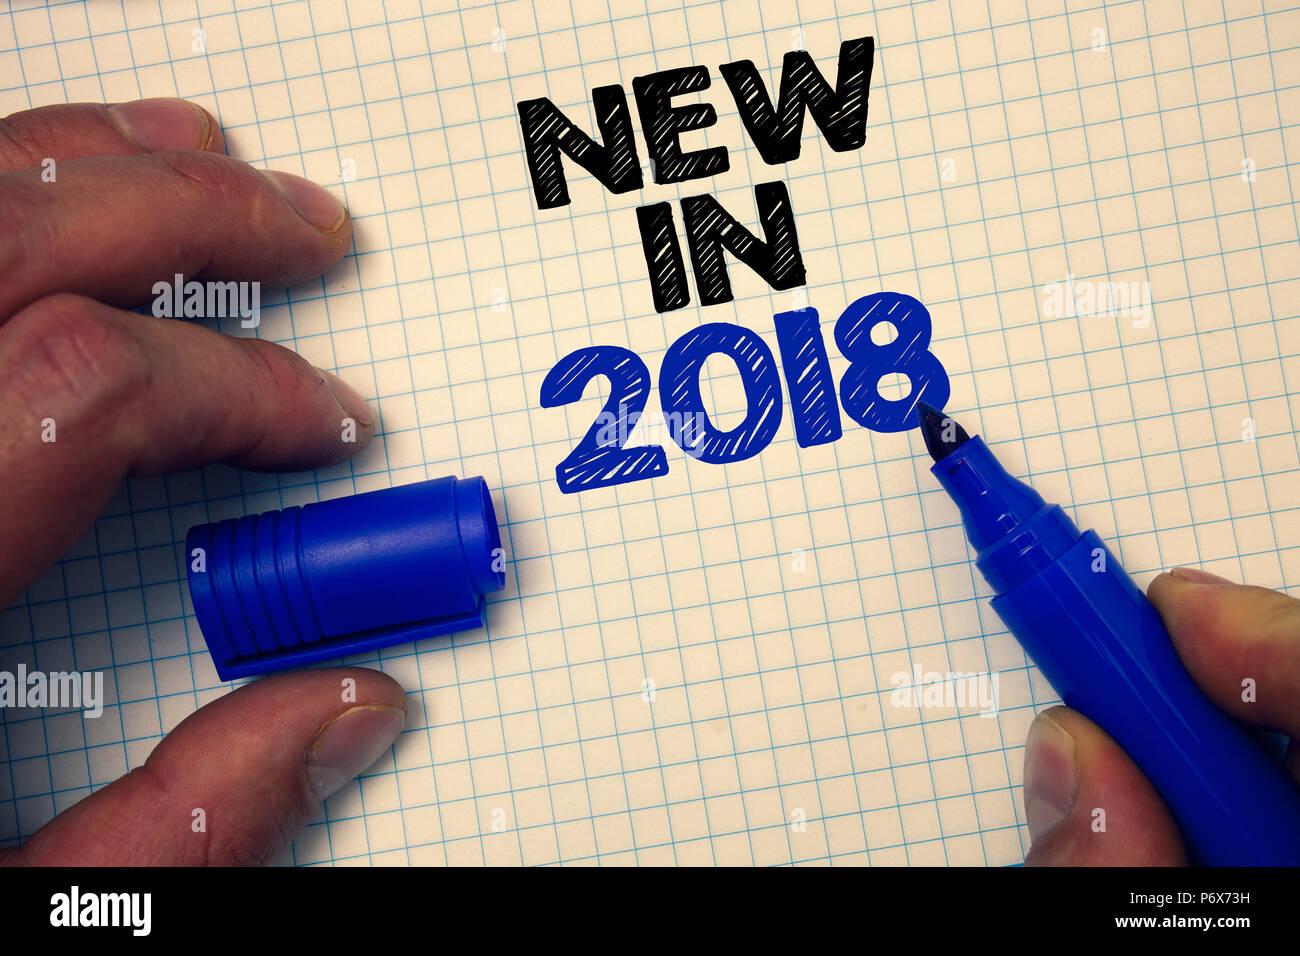 text zeichen zeigt neue in 2018 konzeptionelle foto upcoming jahr aufl sung werbung neue. Black Bedroom Furniture Sets. Home Design Ideas